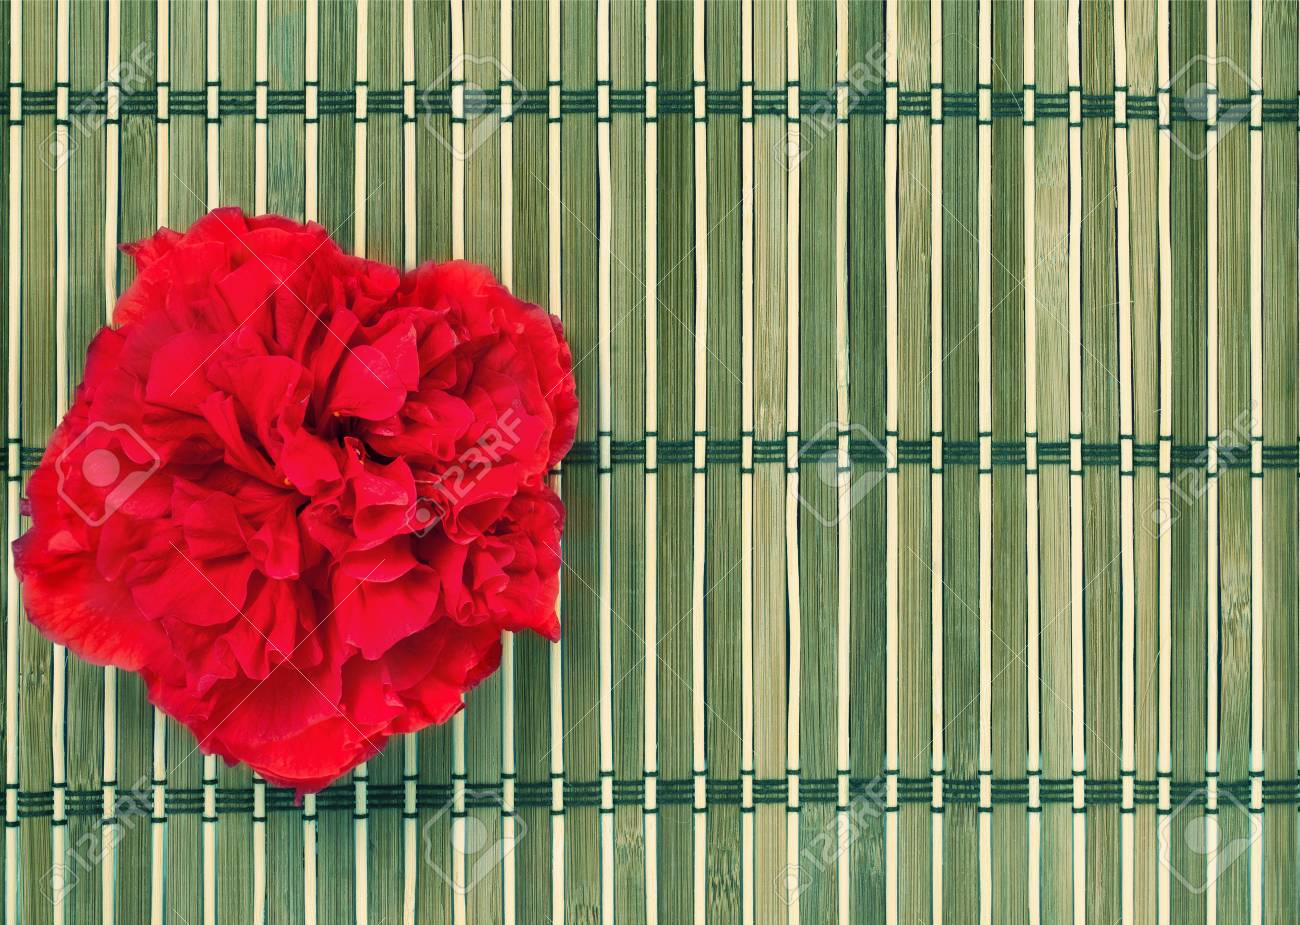 Lugar Para El Spa Y Manicura. Pista De Bambú Decorado Con La Flor ...